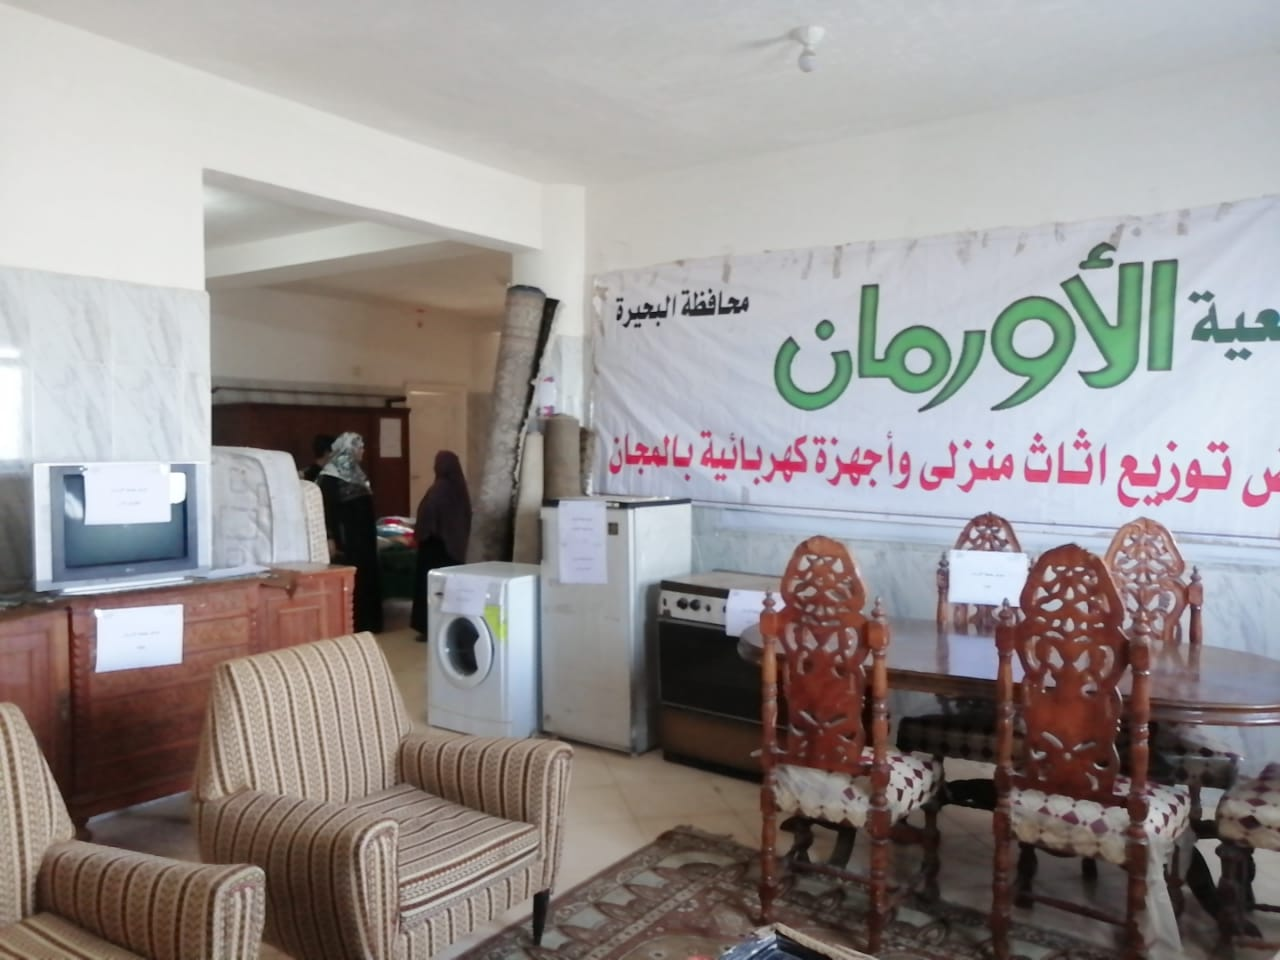 معرض لتوزيع قطع الأثاث والأجهزة الكهربائية بالمجان بمركز أبو المطامير